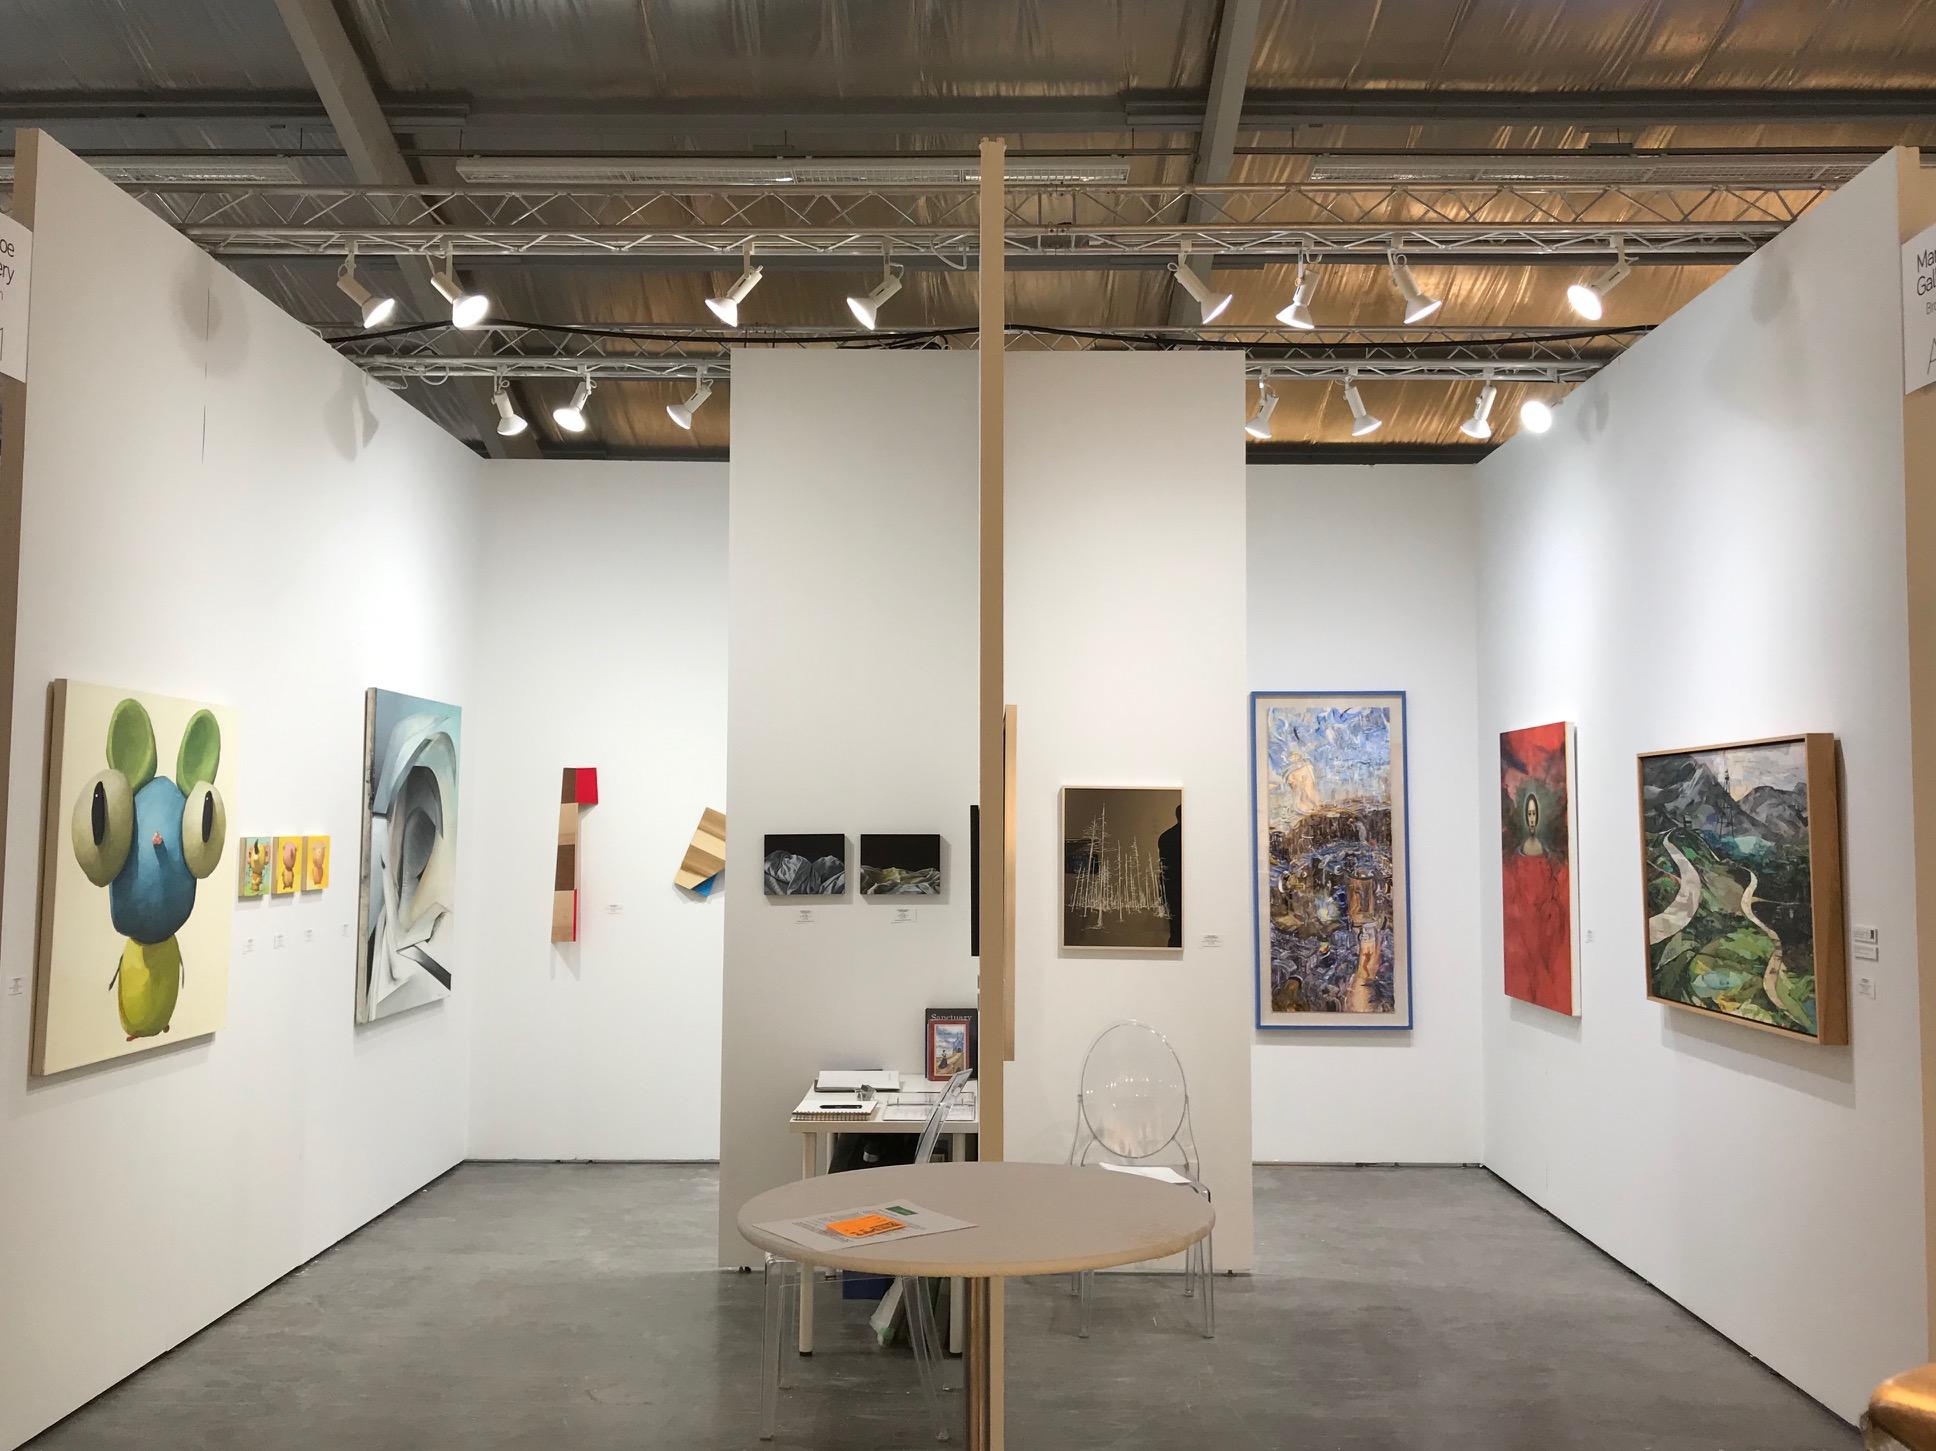 Art Aspen - Aspen Ice Garden, Booth A11July 25 - 28, 2019